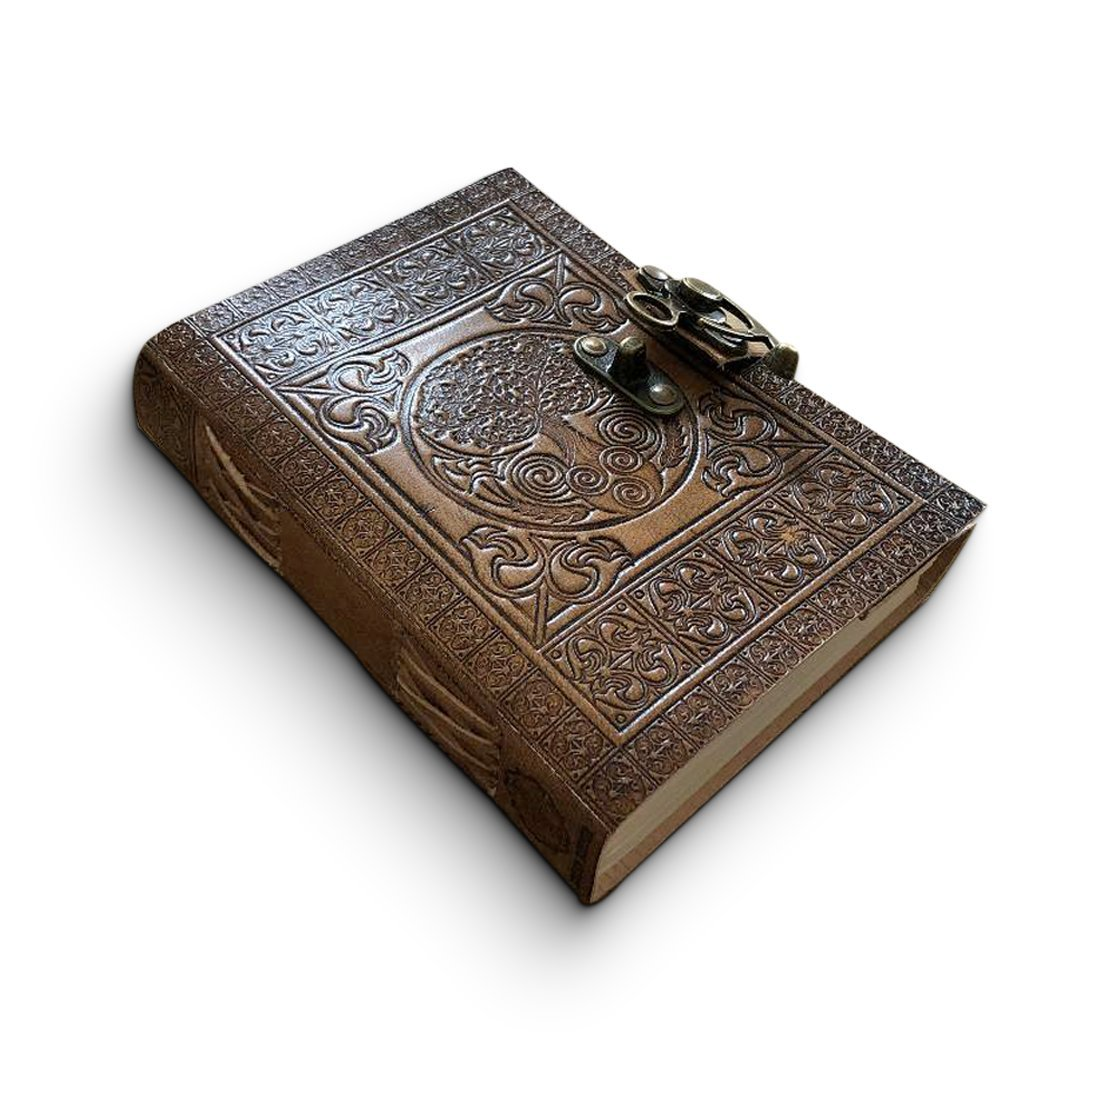 Leder Tagebuch handgefertigt - keltisch geprägtes Reise Notizbuch – Design Antiker Baum des Lebens